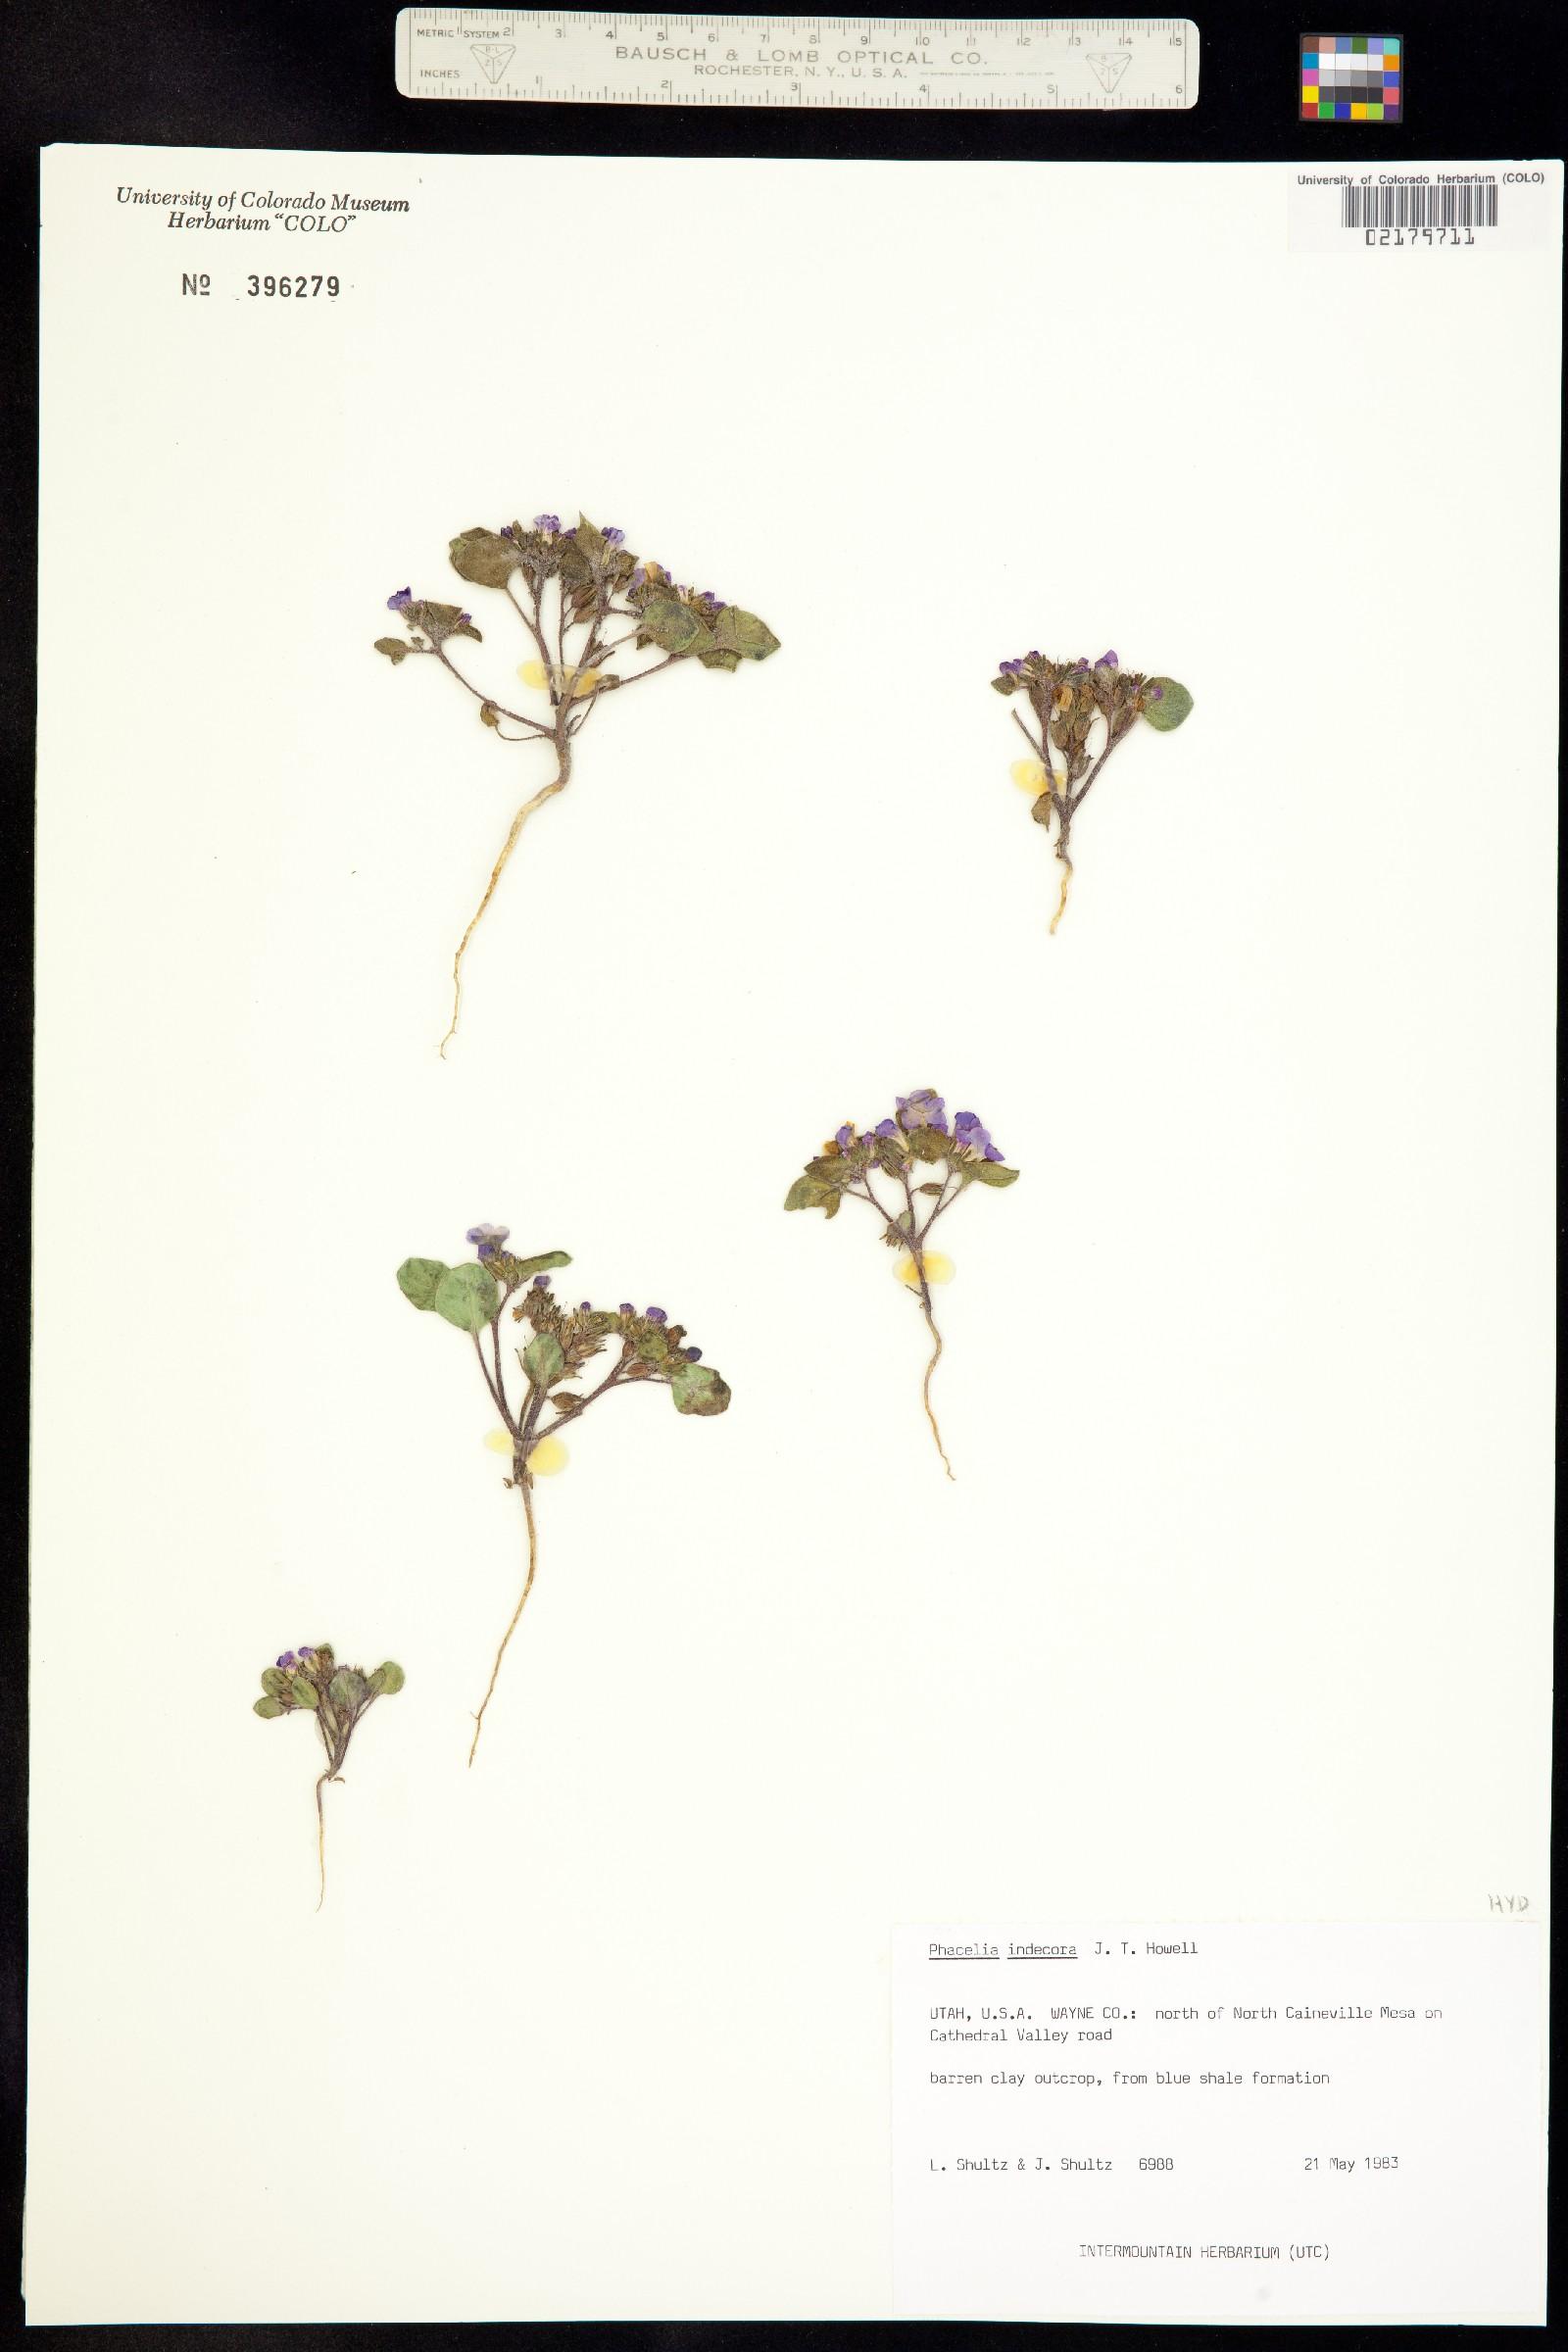 Phacelia indecora image